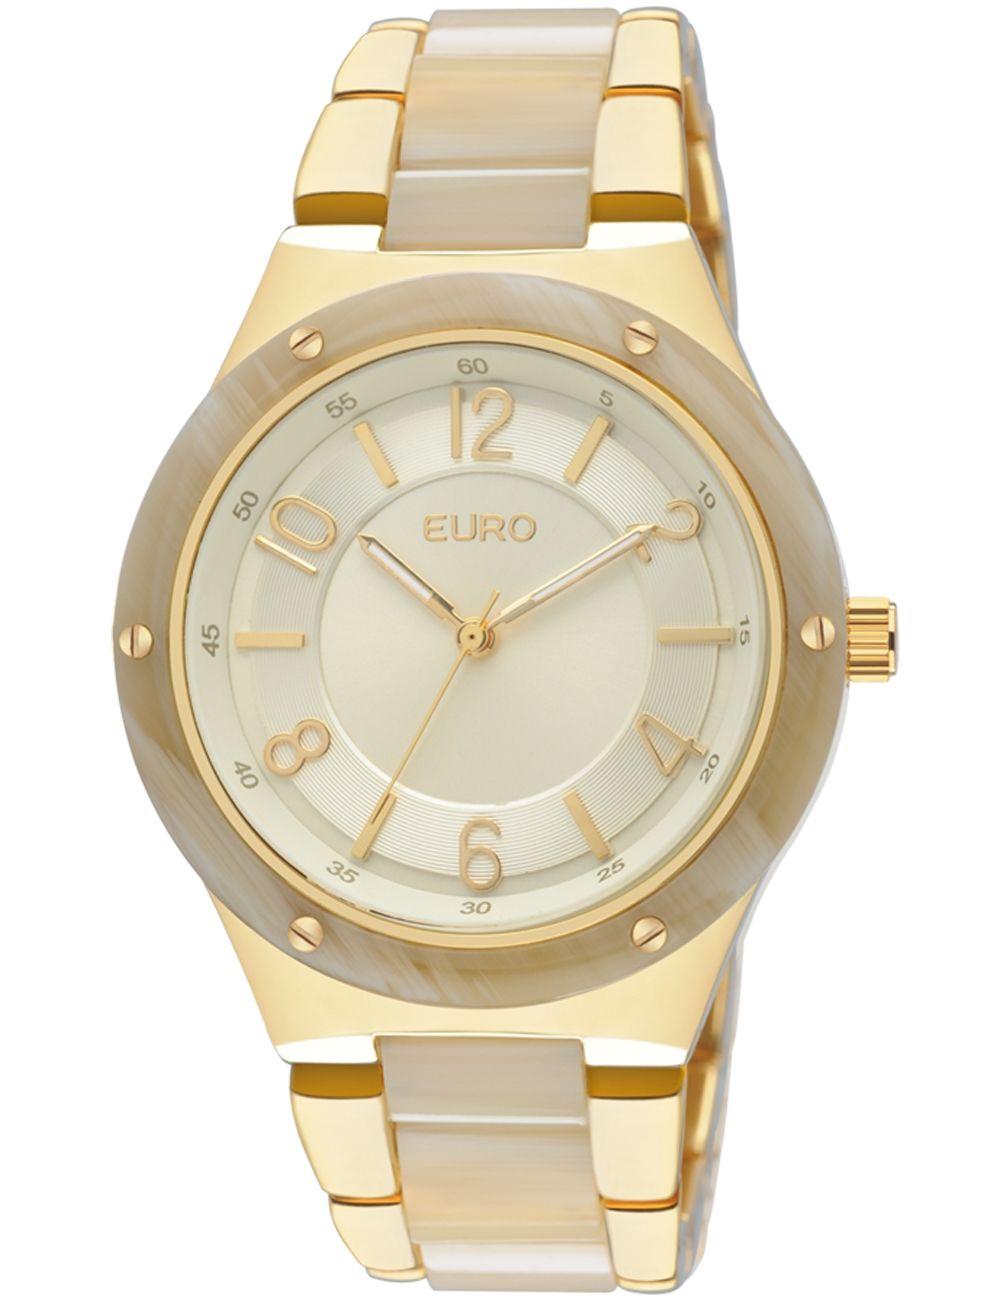 2b12bd8e931 Relógio Feminino Analógico Euro Breslau EU2035TG 4D - Dourado - Relógios no  E-Euro